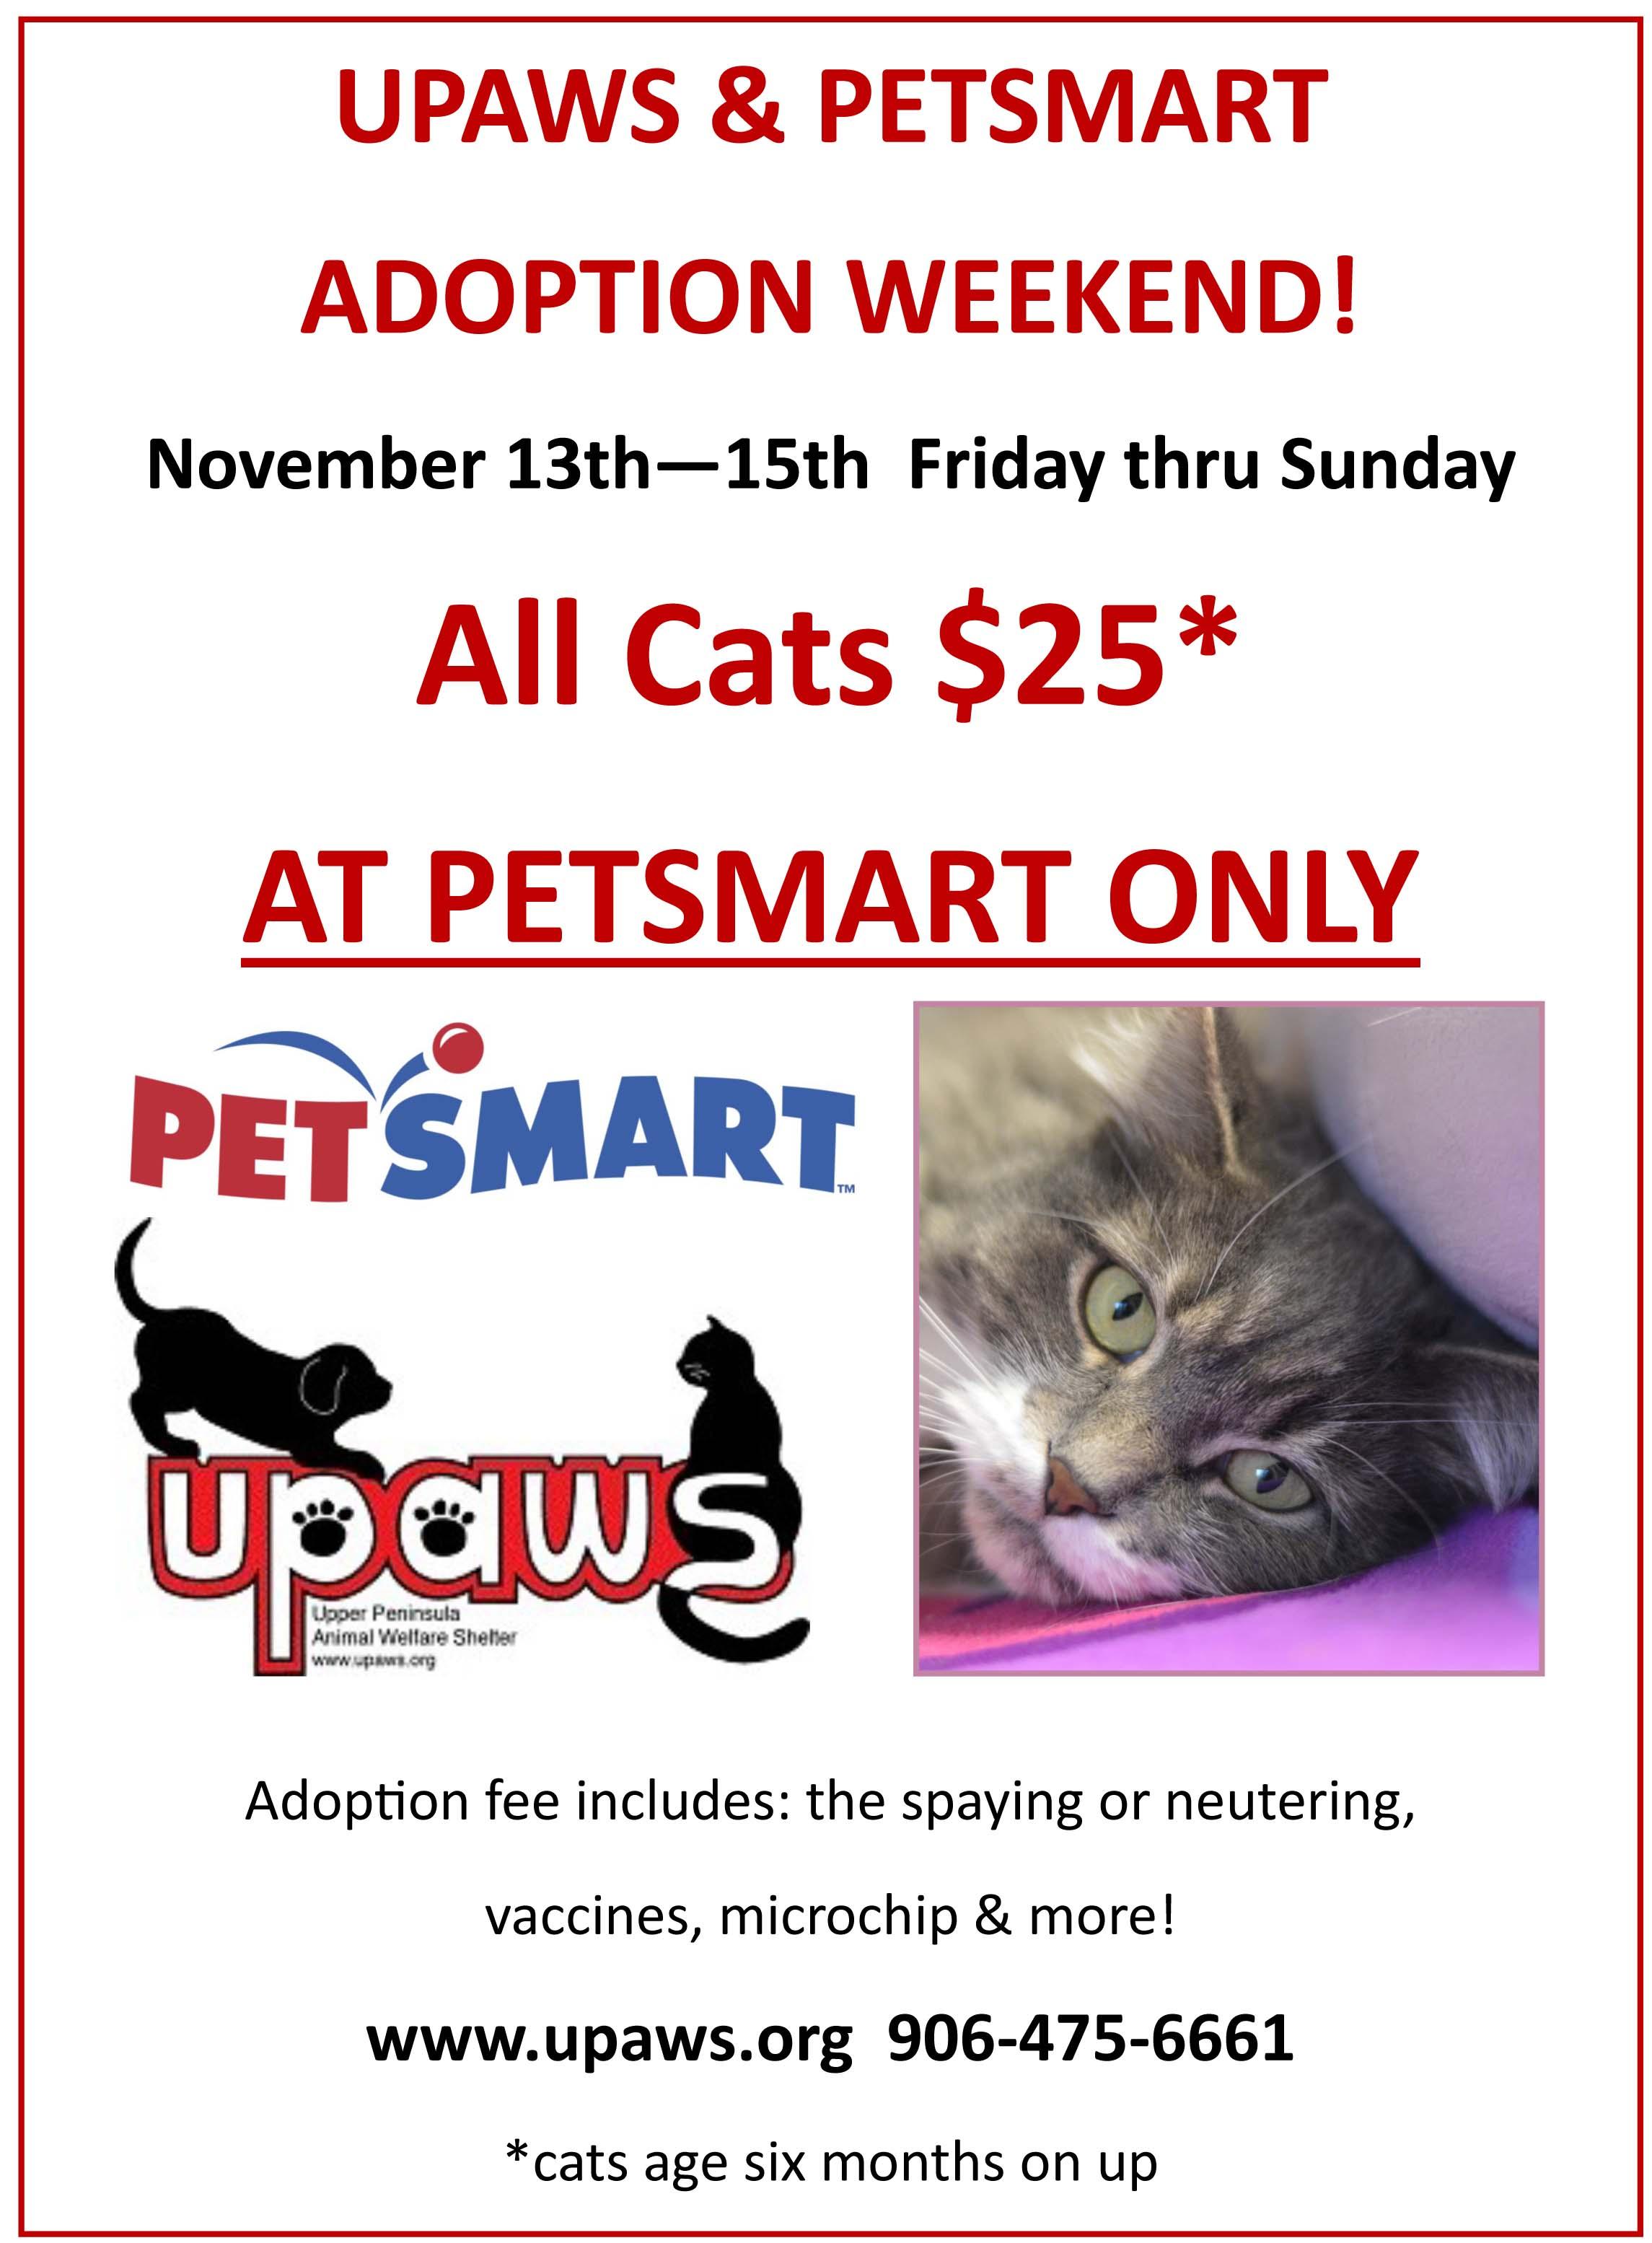 Case Design tuna the dog phone case UPAWS u0026 Petsmart Adoption Weekend - $25 Cats! - Upper Peninsula Animal ...